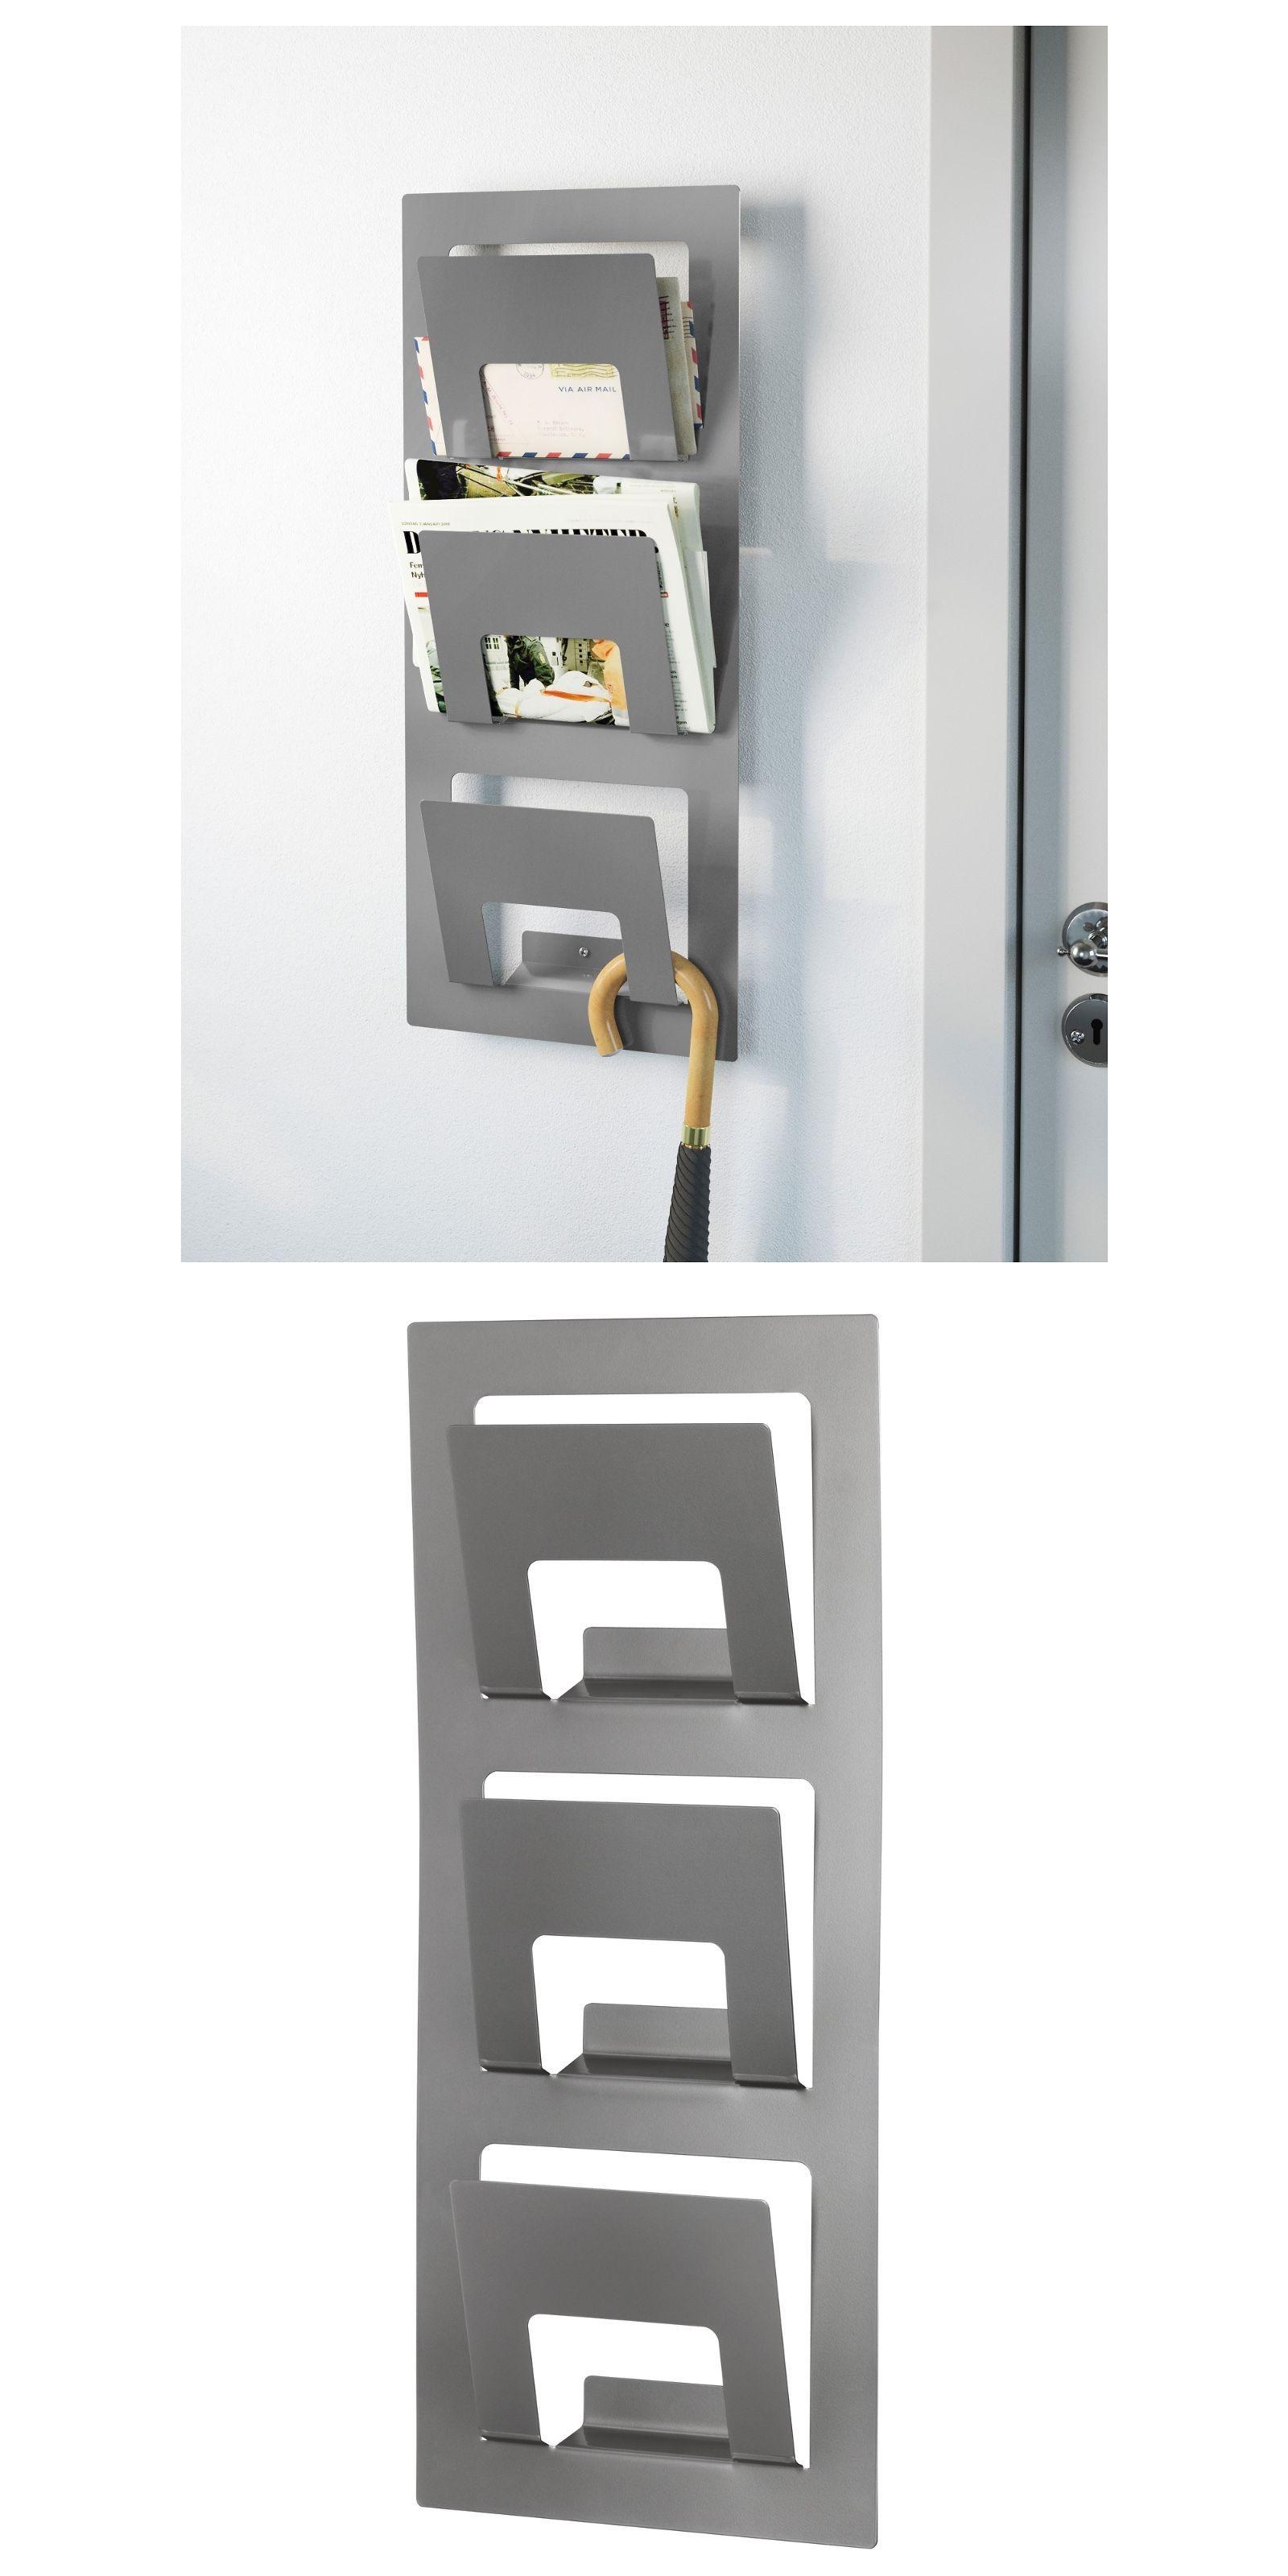 Magazine Racks 38223: 2 Ikea Skrissel Magazine Metal Wall ...